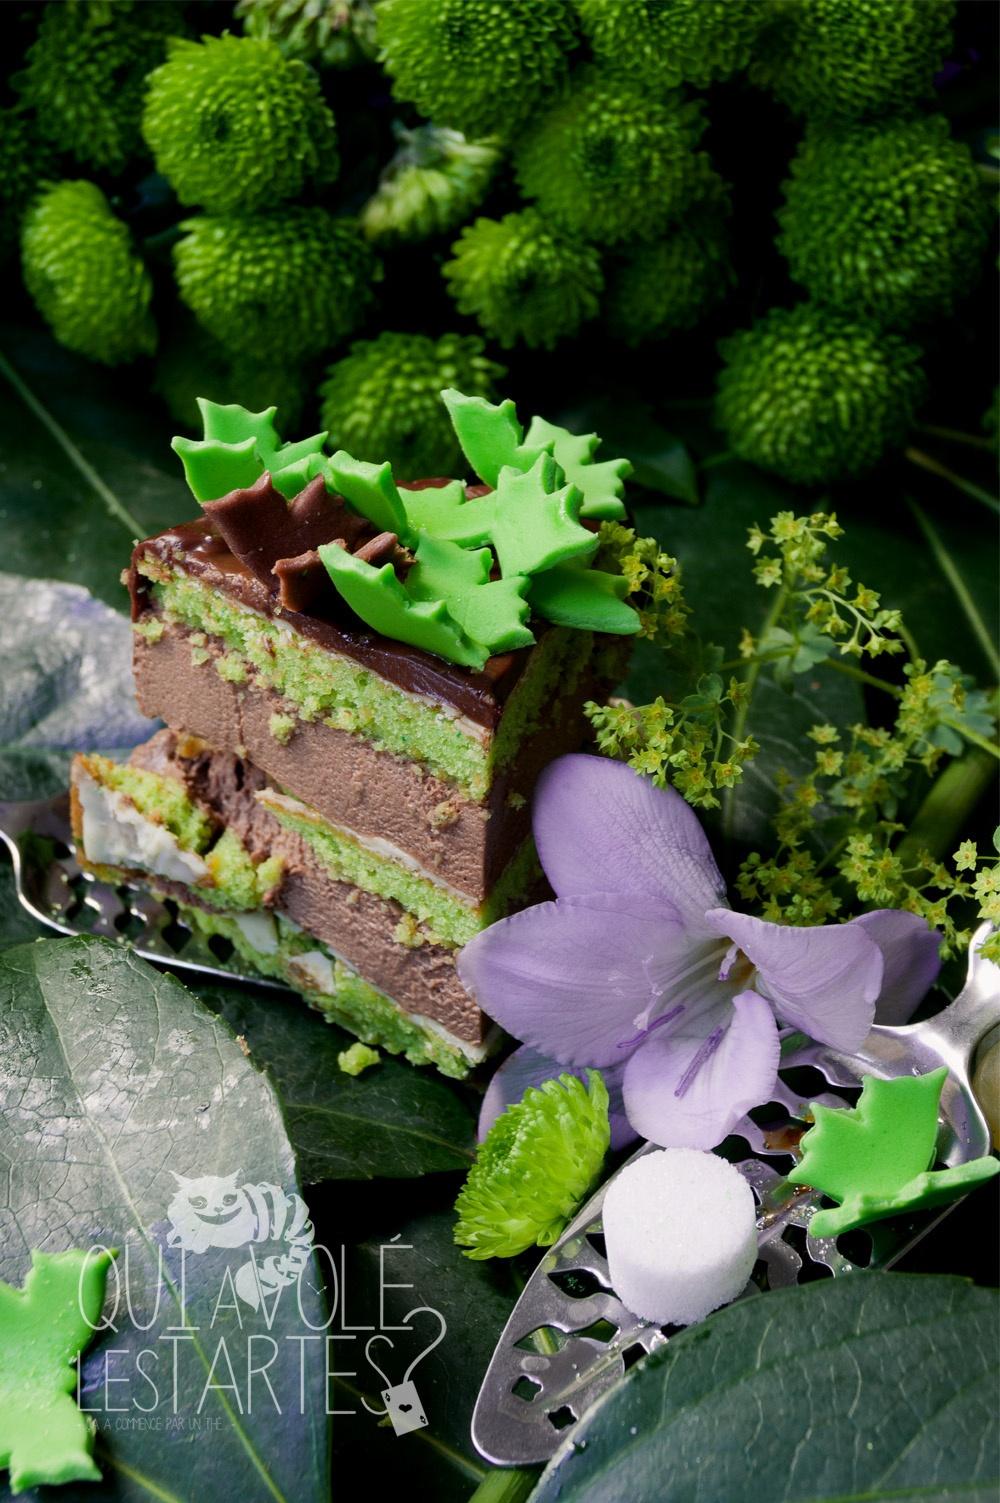 La fée verte 1 - Studio 2 création - Qui a volé les Tartes